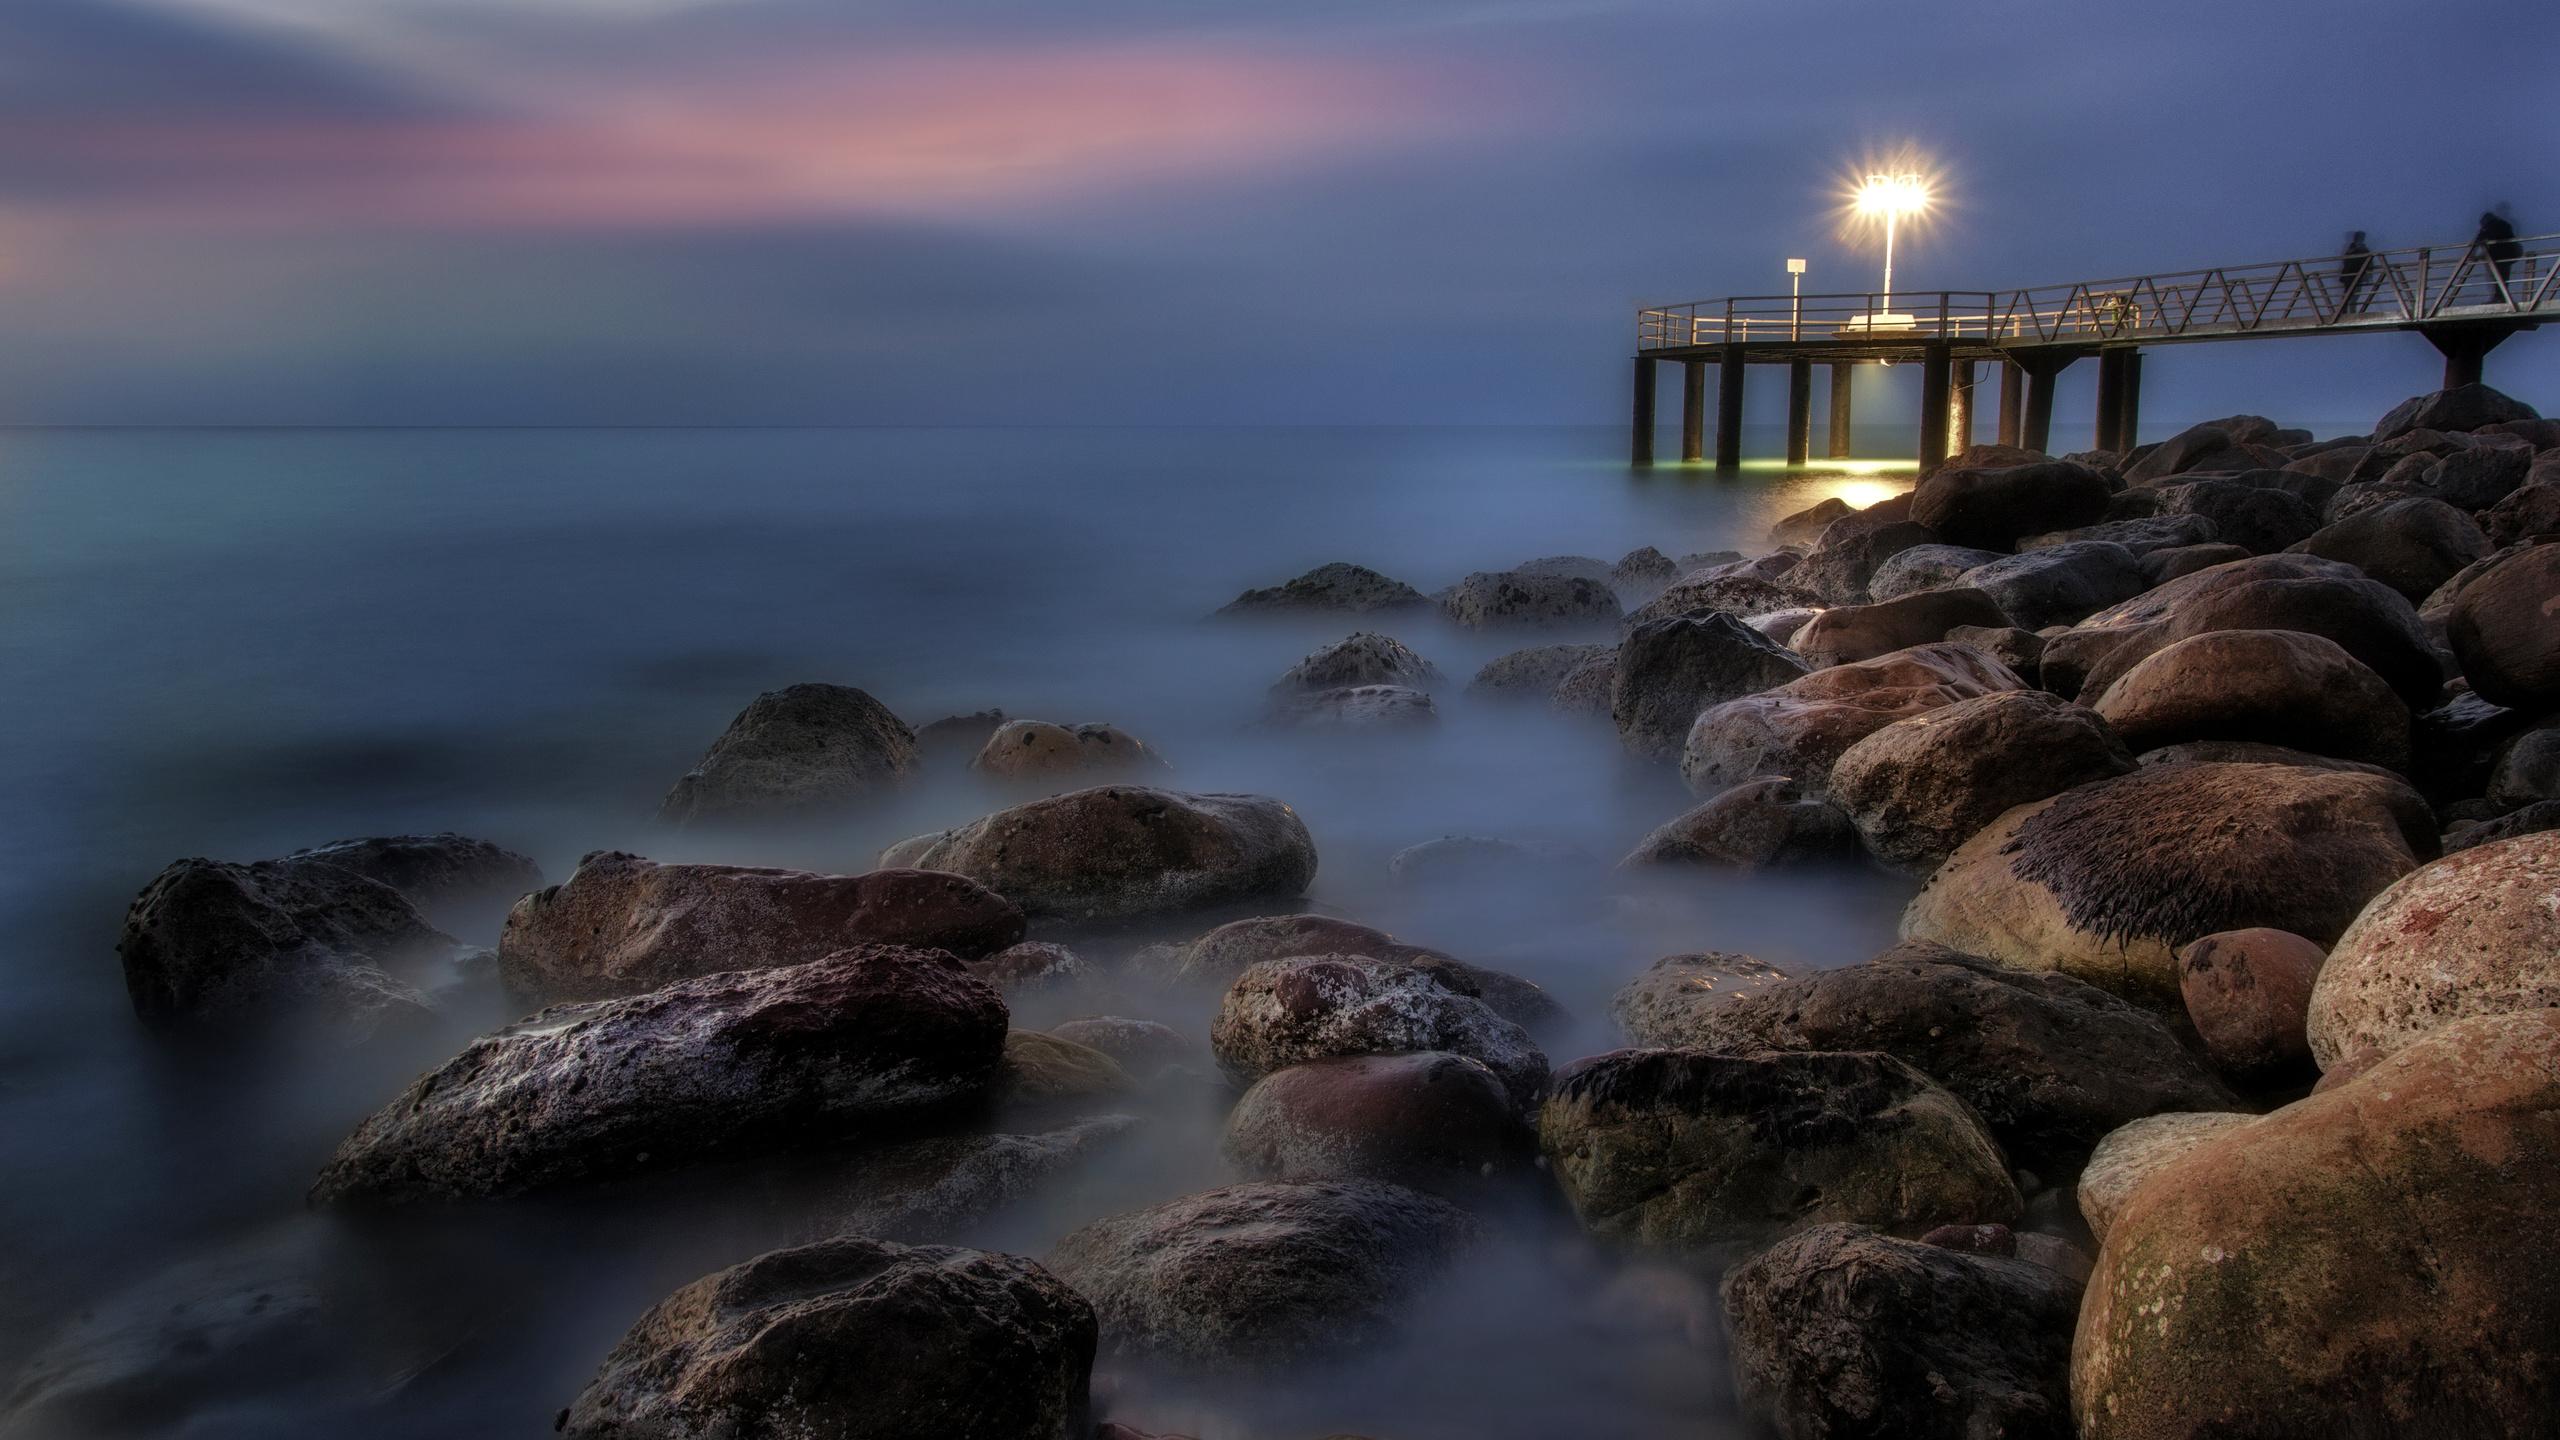 природа, пейзаж, море, испания, xilxes, spain, Чильчес, камни, вечер, фонарь, свет